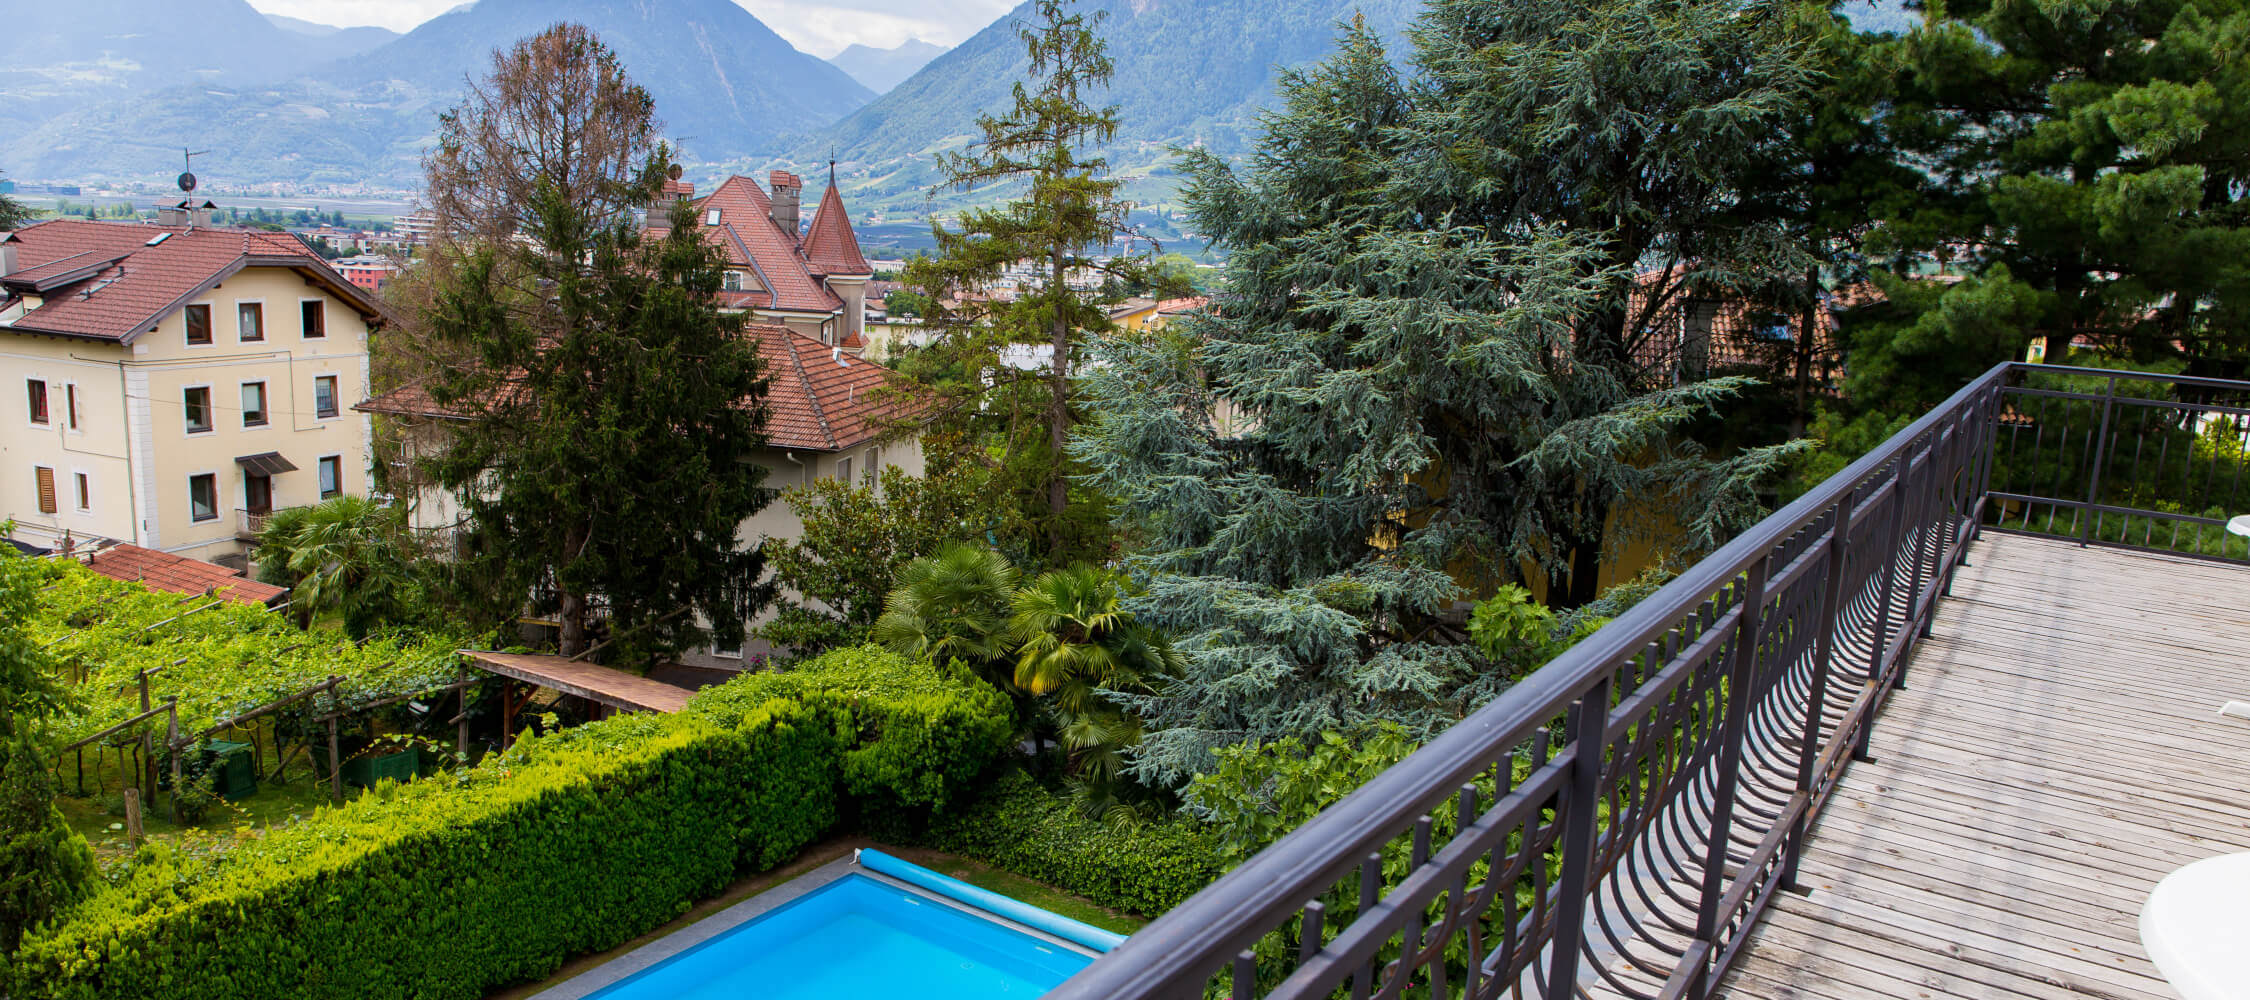 Hotel-Villa-Laurus-Merano-Rooms-Doppelzimmer-Komfort-Aria-Balkon-Panorama-Anguane-6901-2250x1000